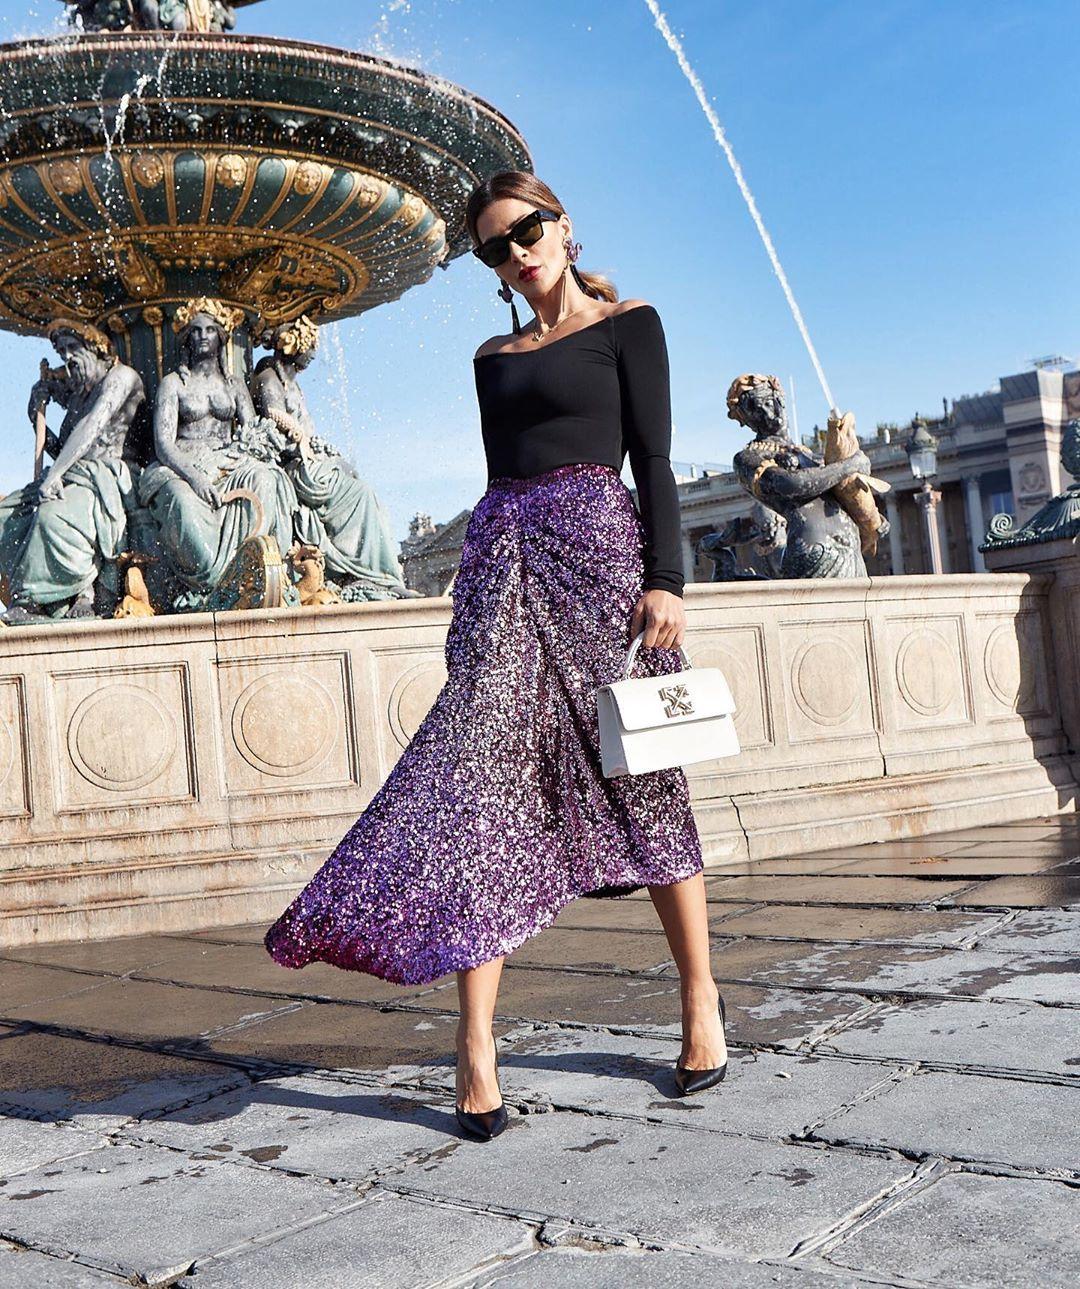 Асимметричная юбка фото 12